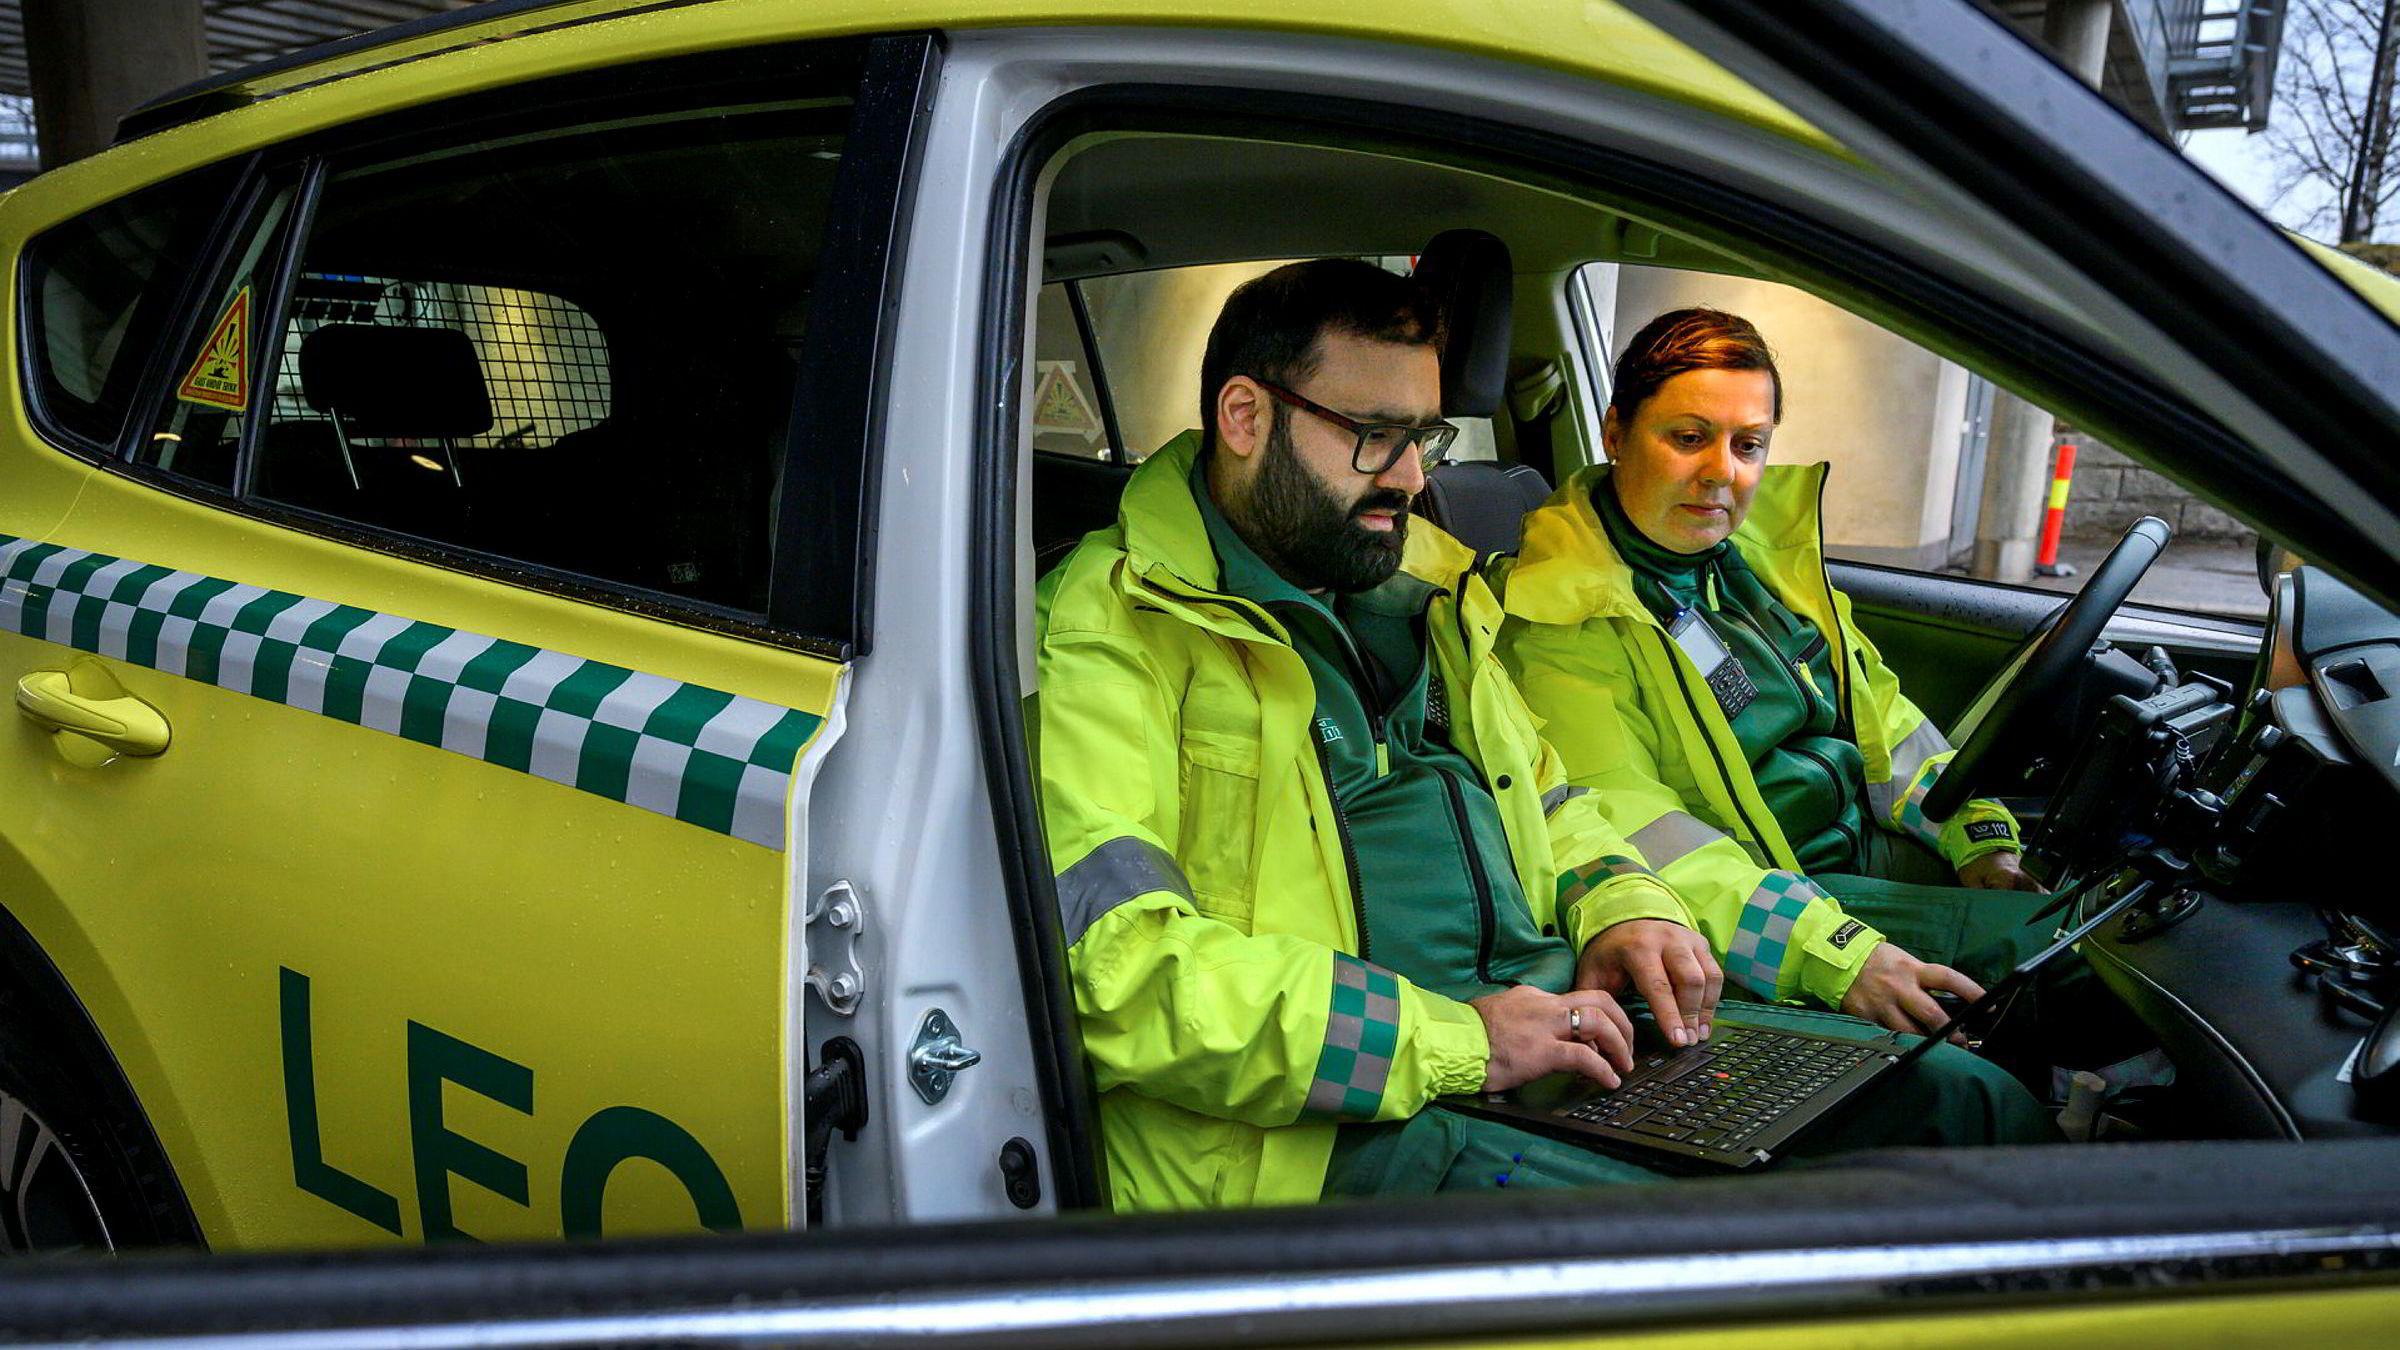 – Mobilsamband er meget viktig, sier lege Asif Siddique som er på vakt i legevaktbilen i Lillestrøm sammen med sykepleier Line Olafsen. Nå skifter de fra Telenors til Telias mobilnett.